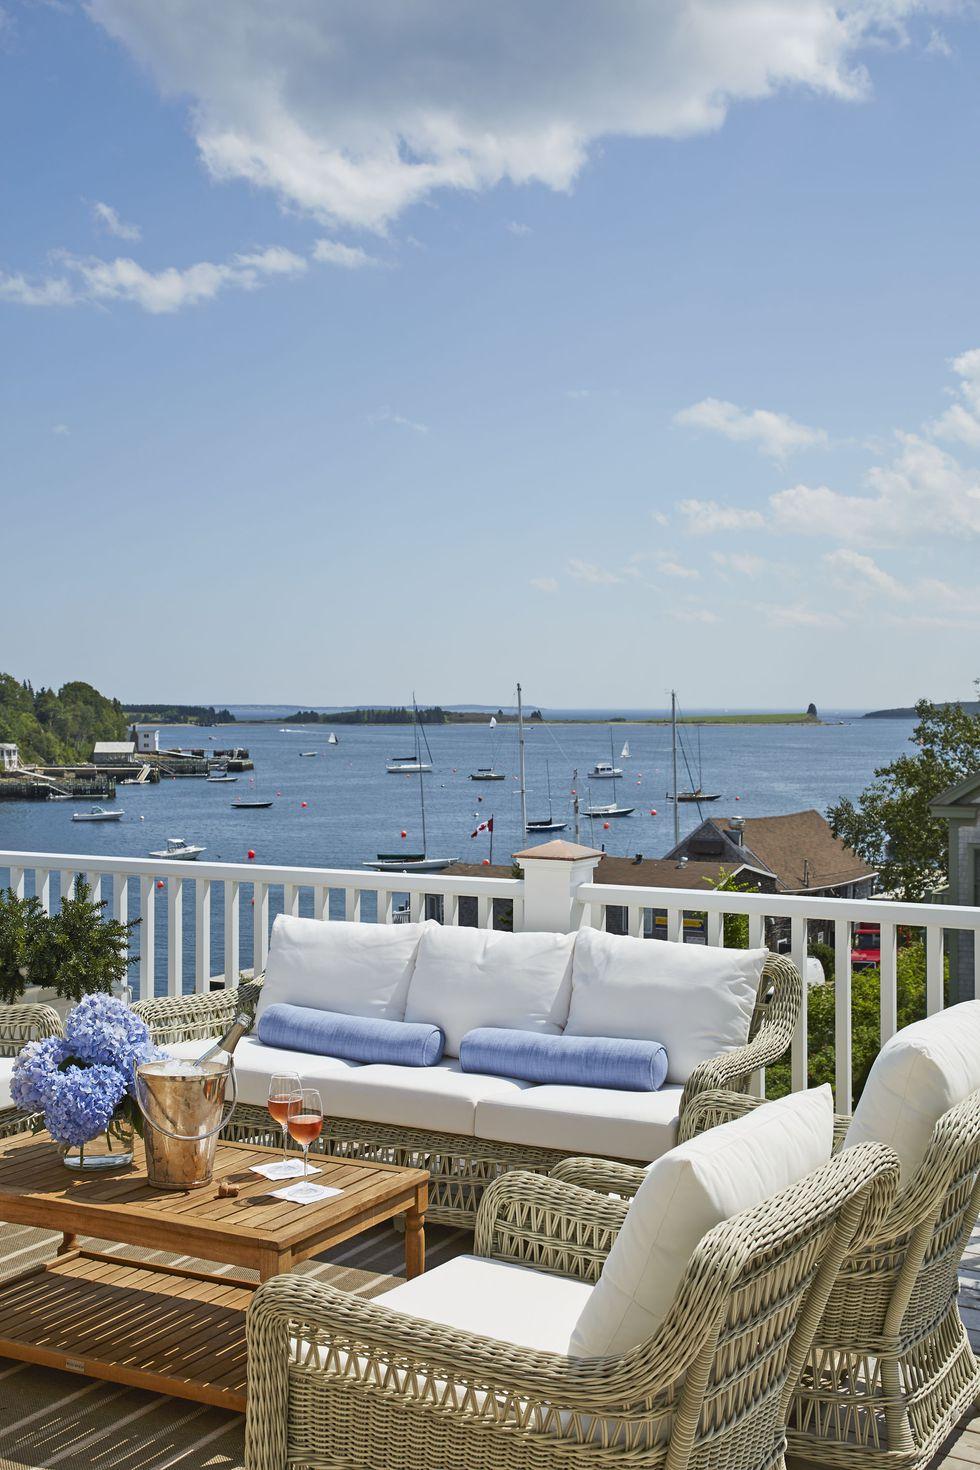 philip-mitchell-deck-nova-scotia-veranda-1560271620.jpg